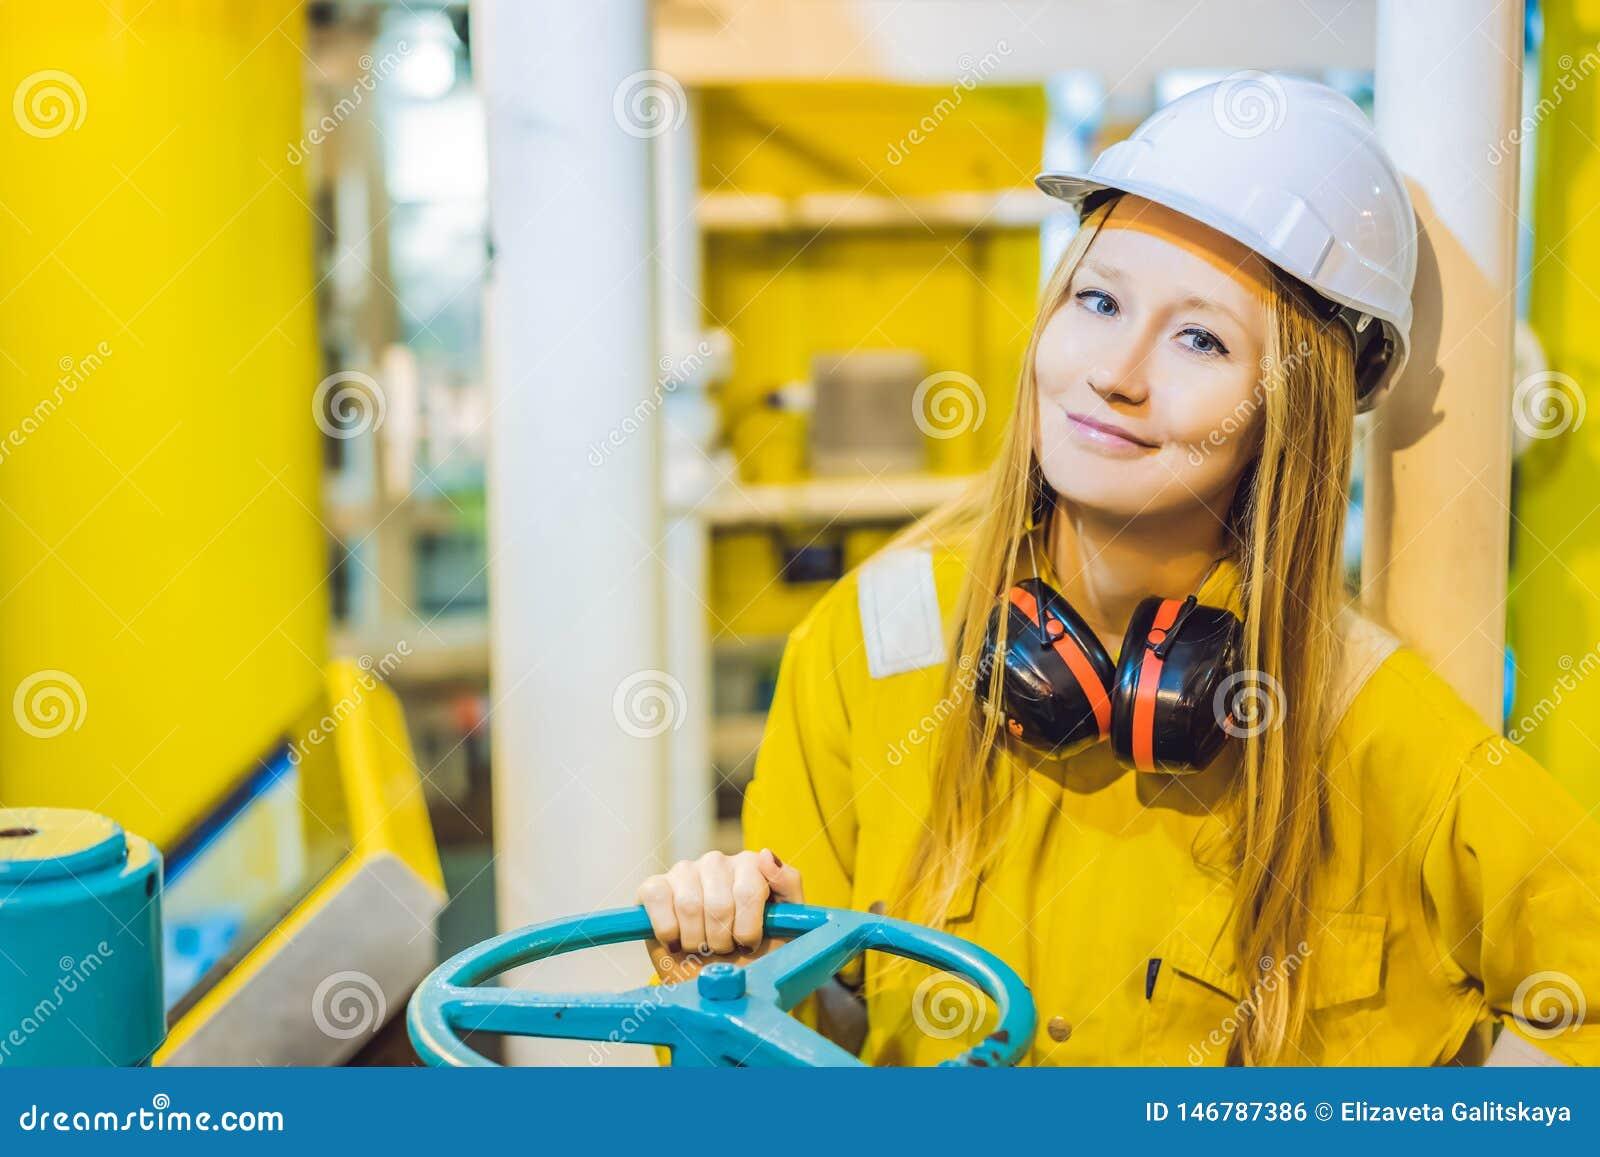 一件黄色工作制服的年轻女人、玻璃和盔甲在产业环境里,石油平台或者液化气植物